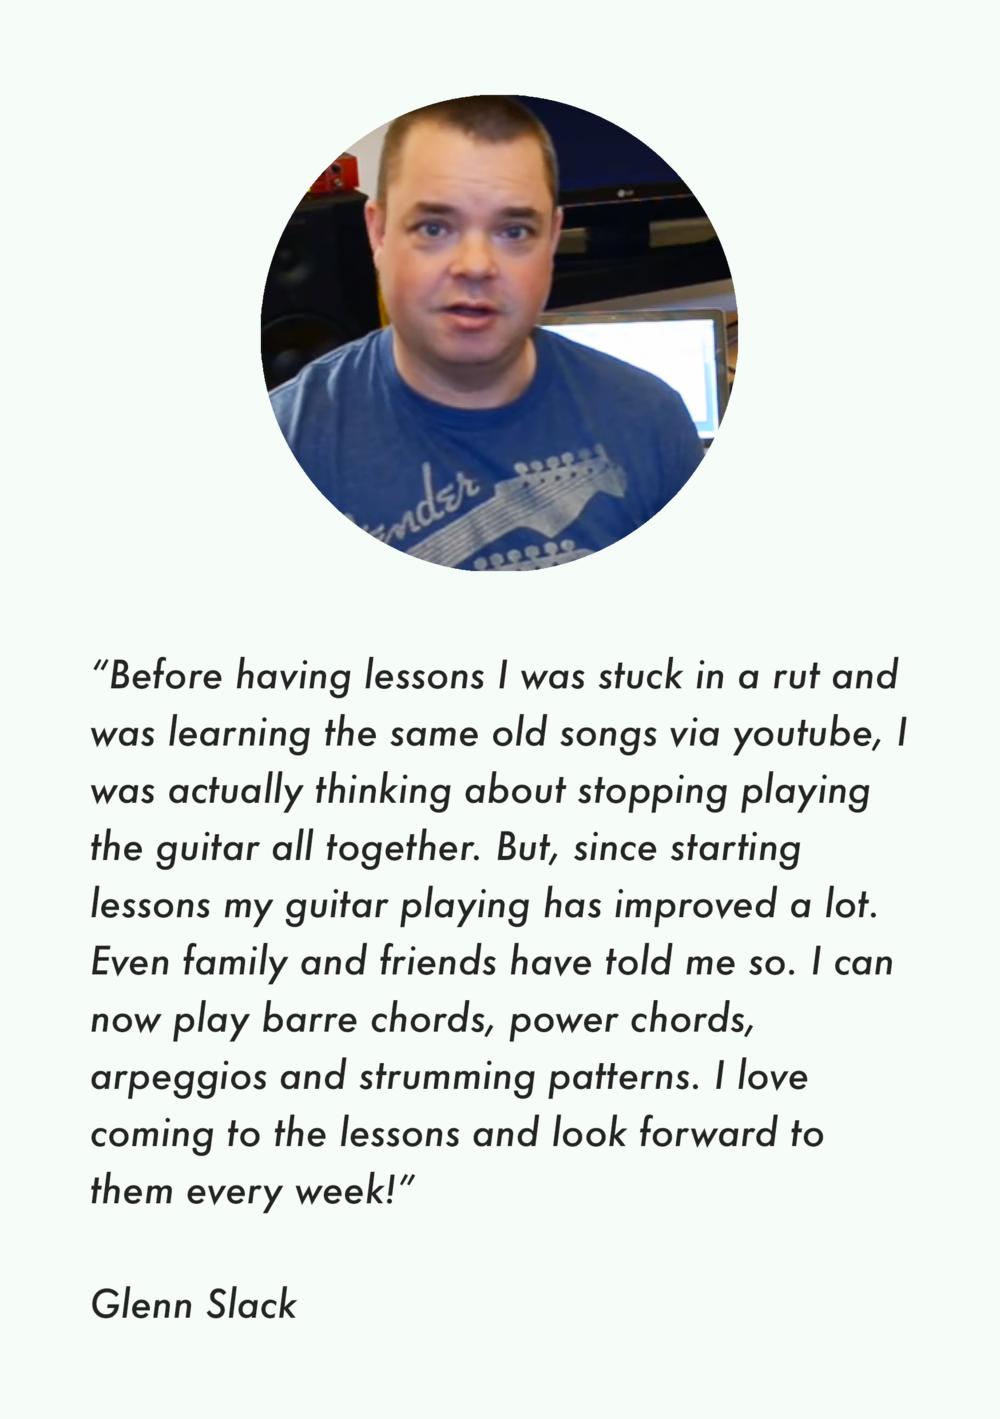 testimonial darryl powis guitar teaching for beginners london stratford